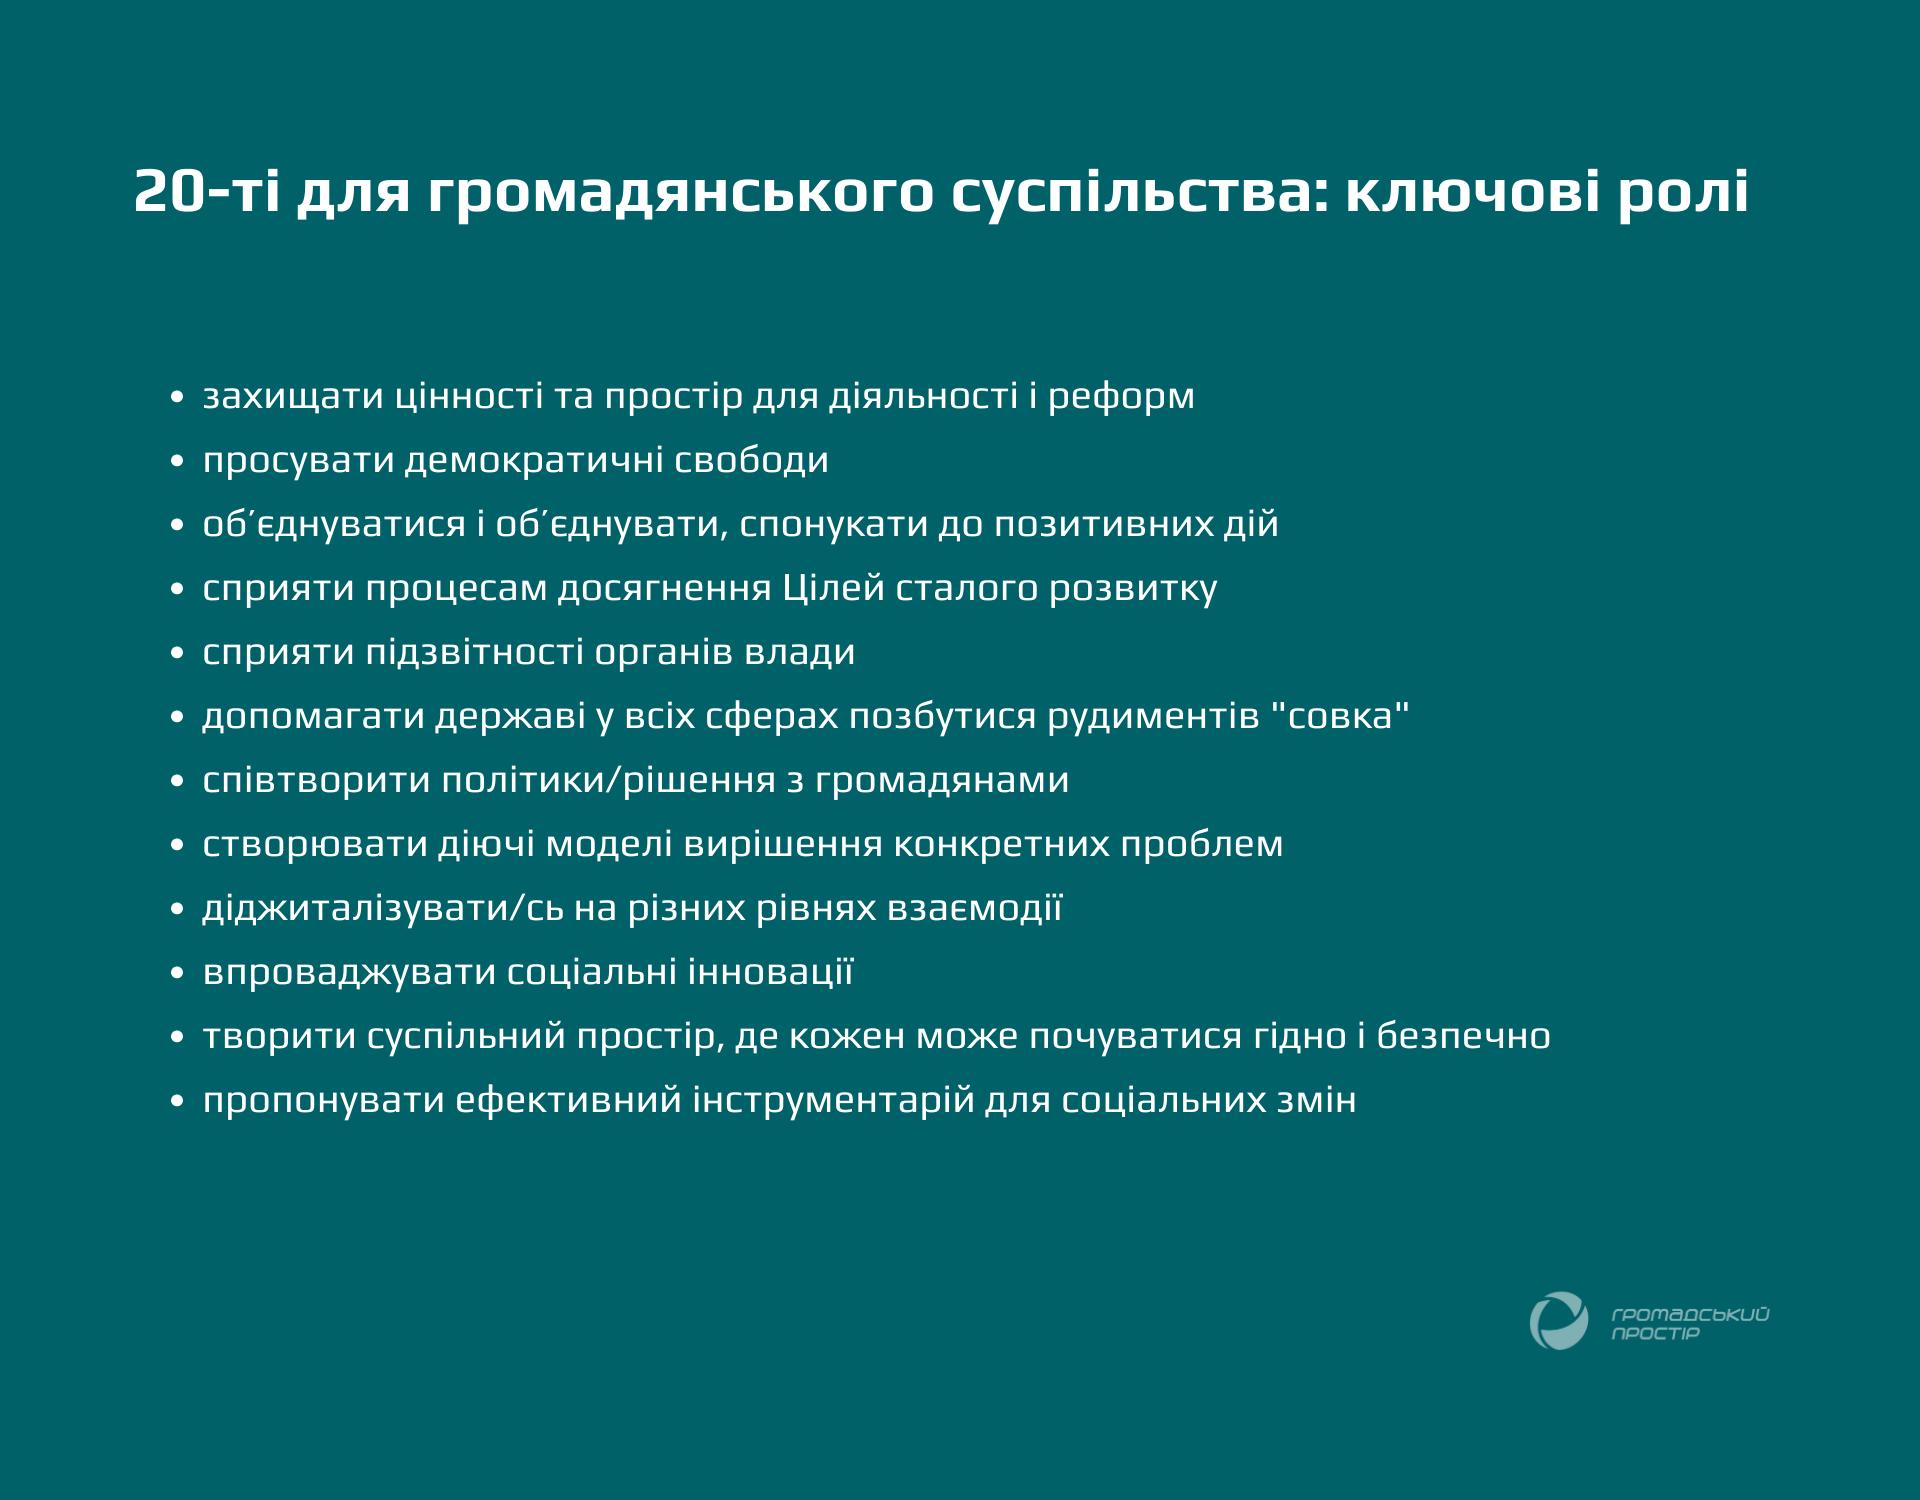 NGO_trends_2019_